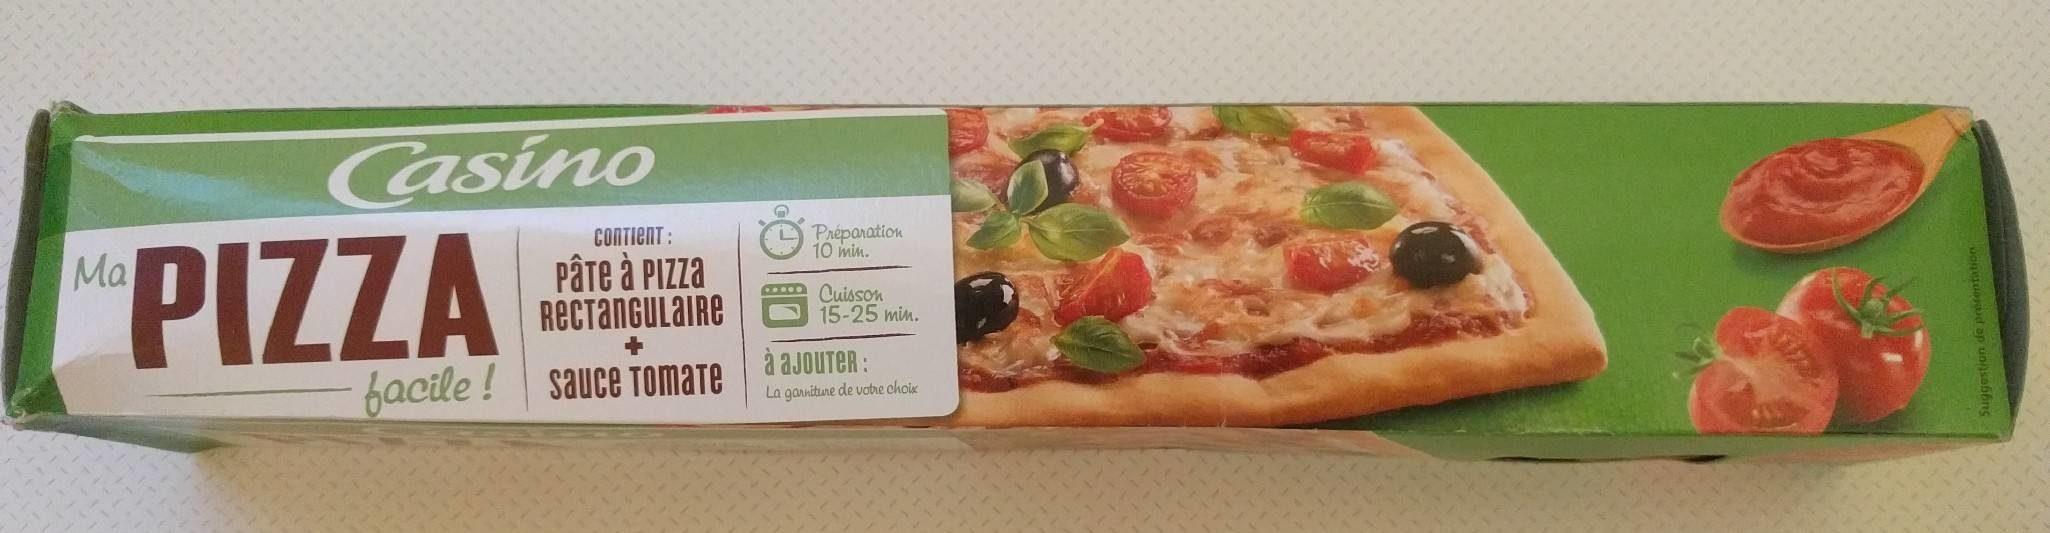 Kit à pizza (pâte à pizza rectangulaire + sauce tomate) - Product